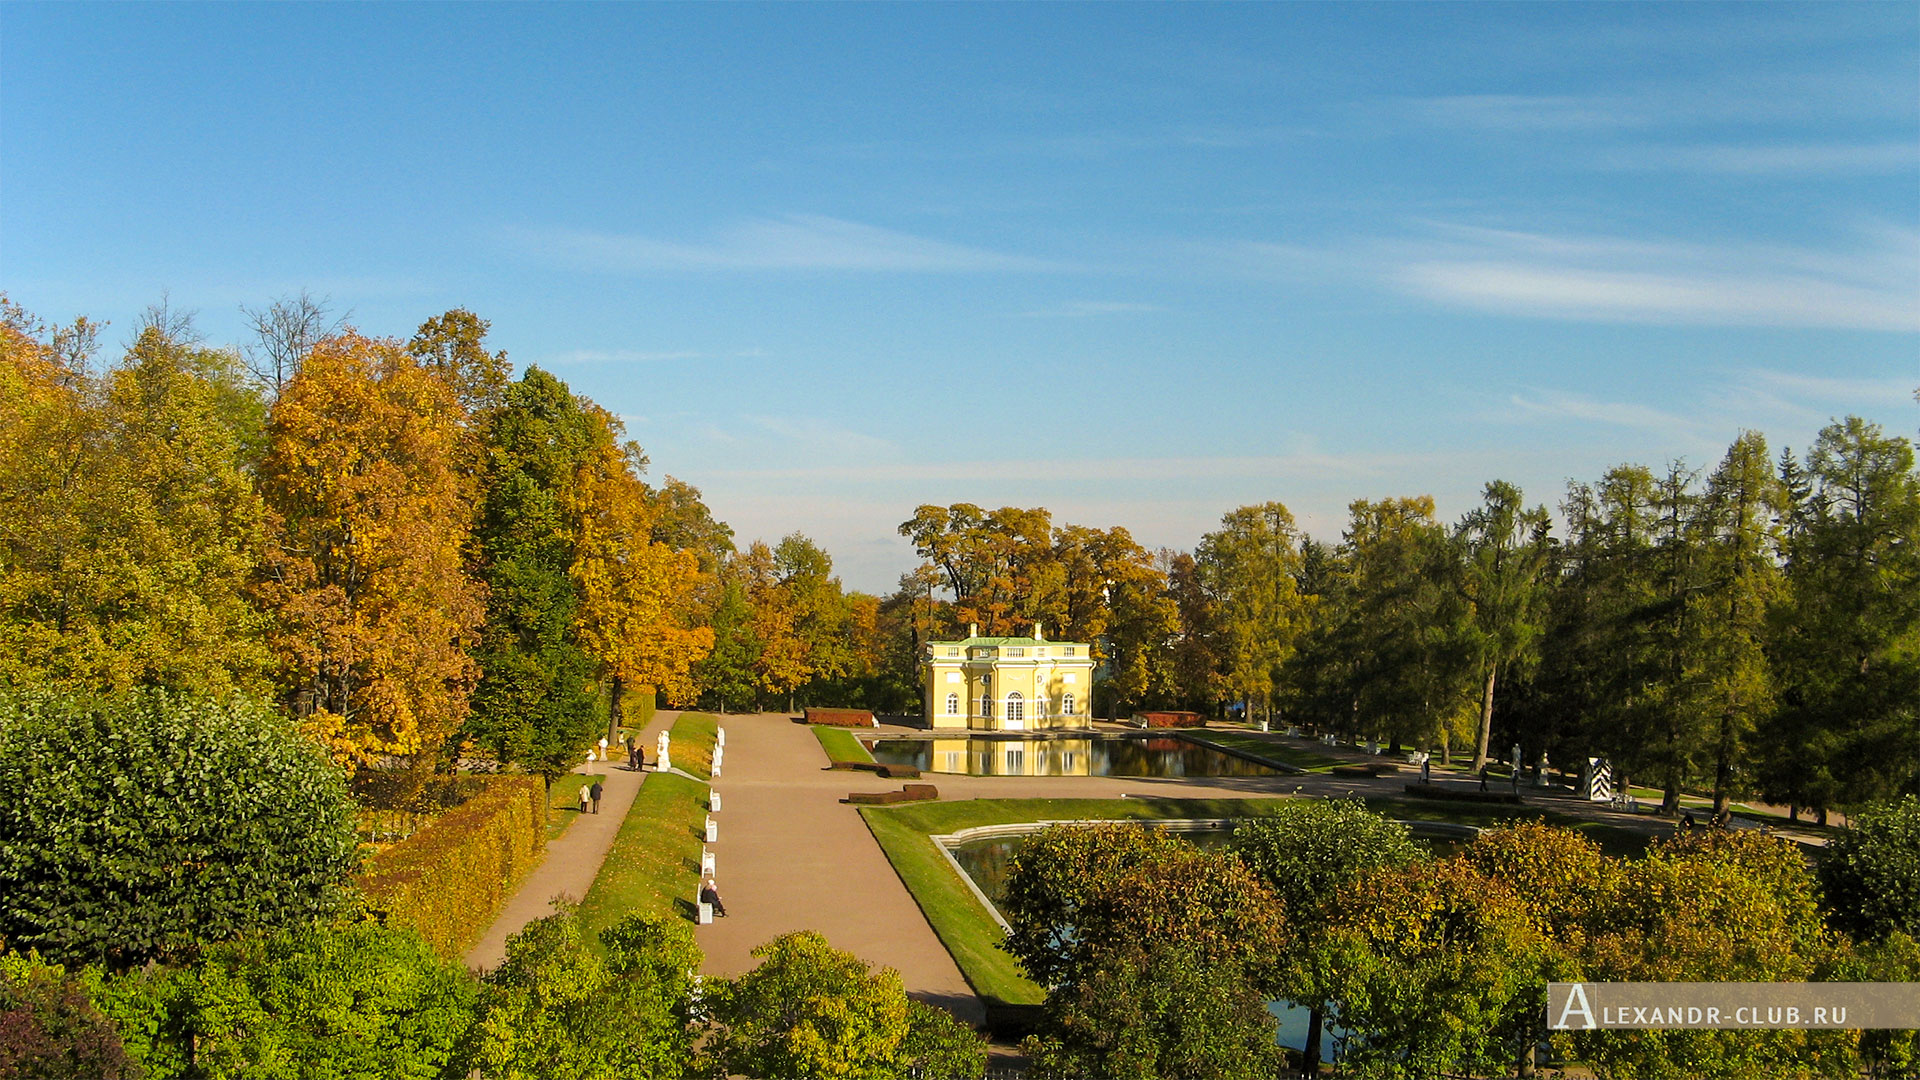 Царское Село, осень, Екатерининский парк, павильон «Верхняя ванна»